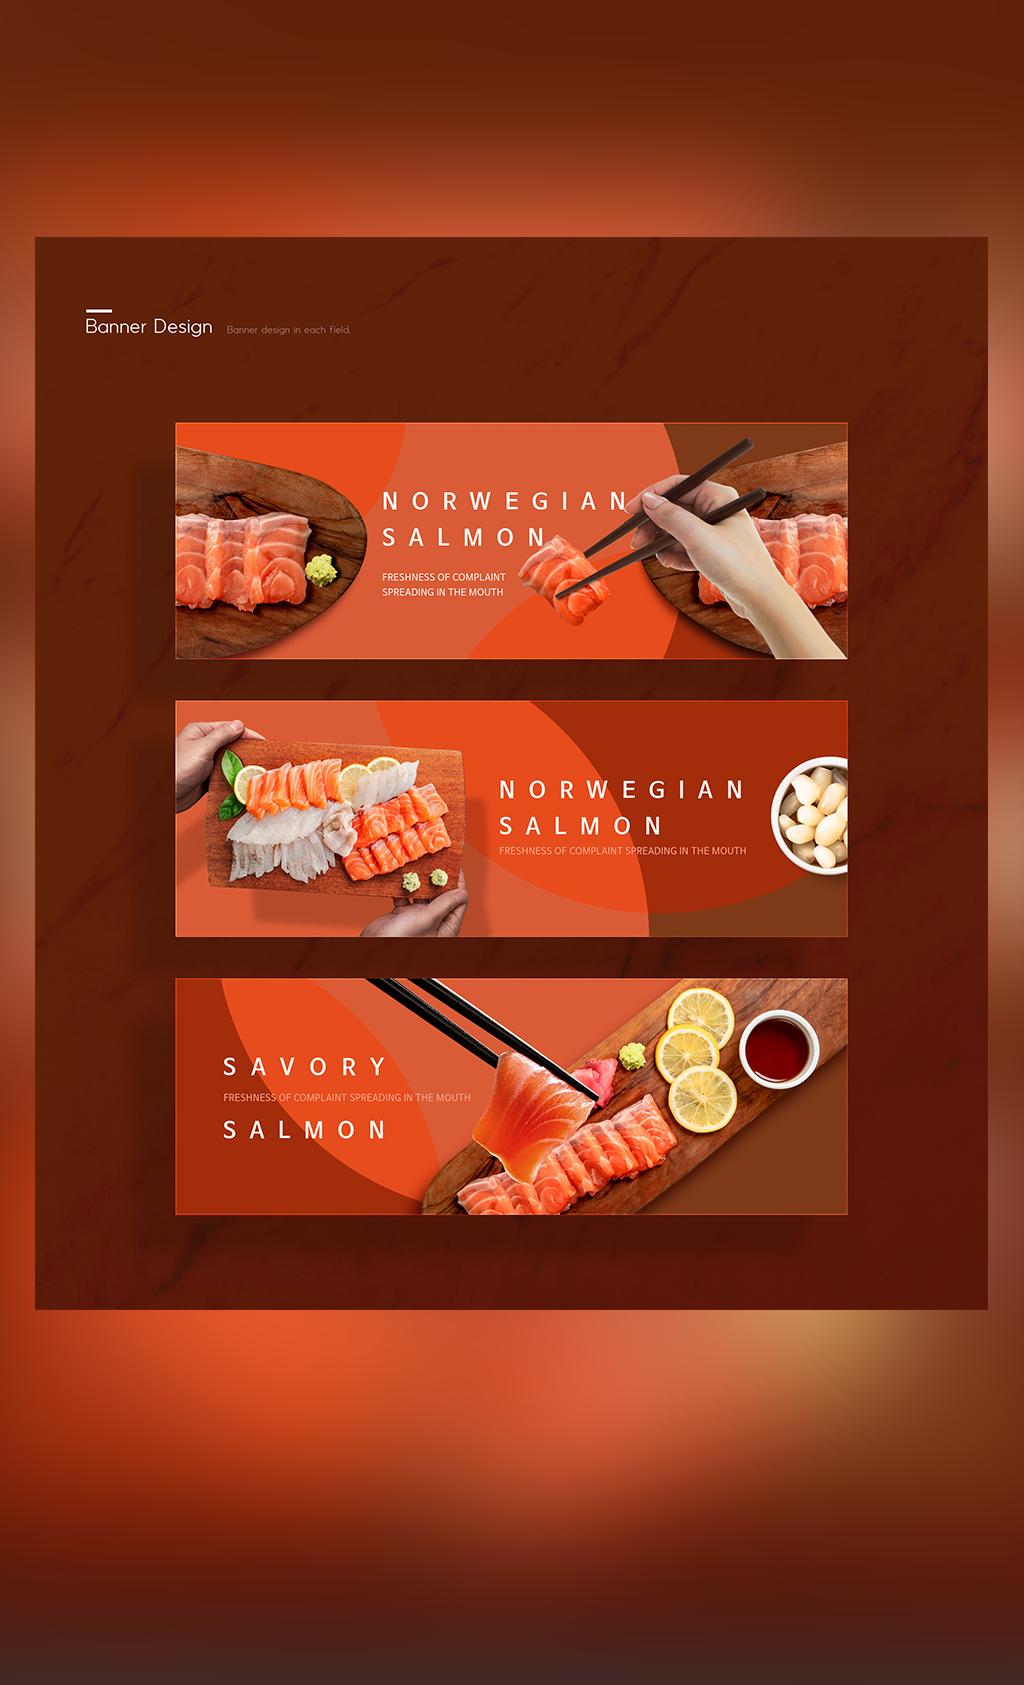 高端美食韩国料理寿司展板横幅广告素材